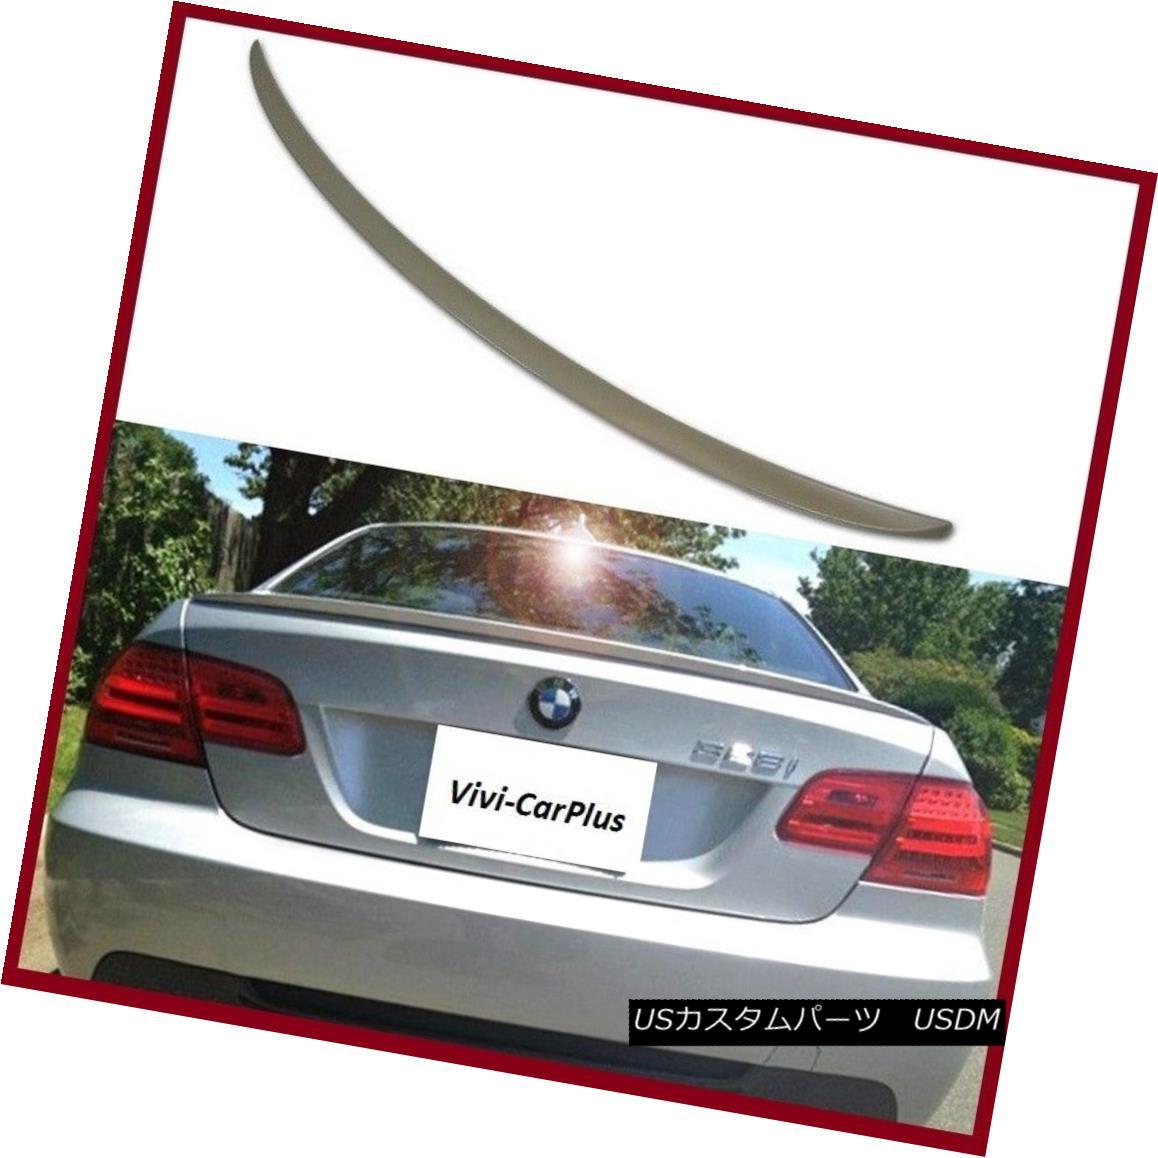 エアロパーツ UNPAINTED 07-13 BMW E92 3-Series M3 320i 328i 335i Coupe M3 Type Trunk Spoiler UNPAINTED 07-13 BMW E92 3シリーズM3 320i 328i 335iクーペM3タイプトランク・スポイラー